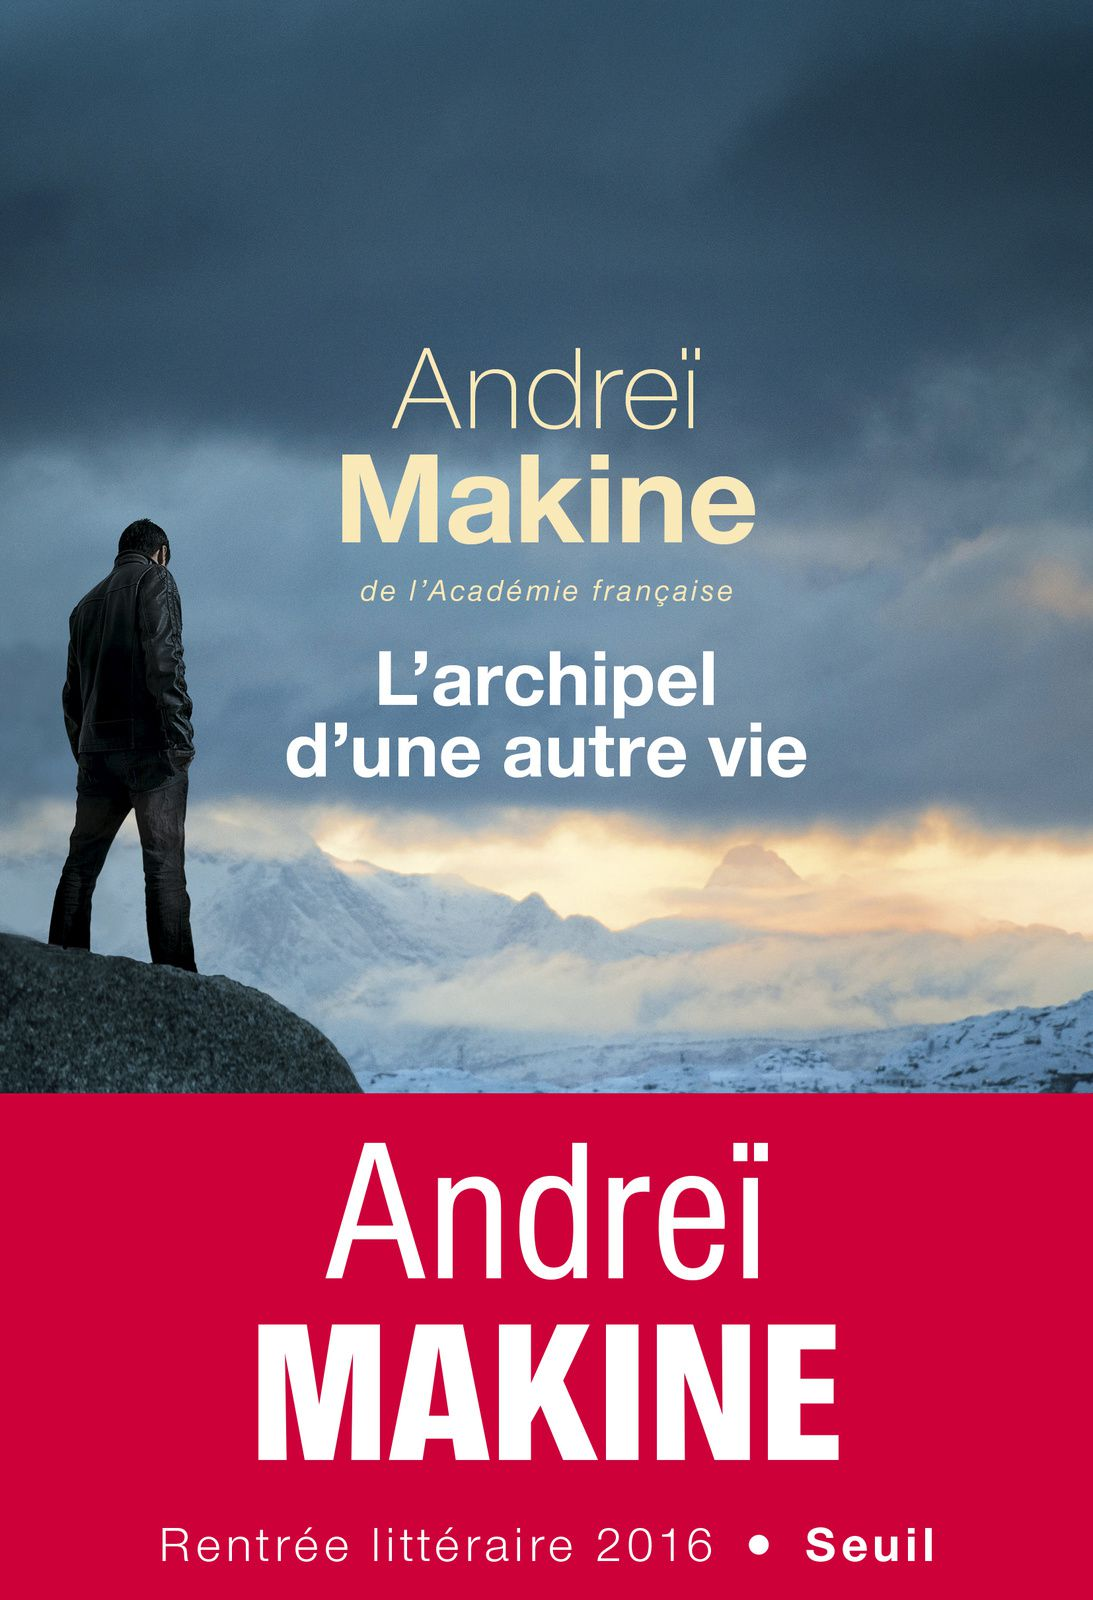 L'archipel d'une autre vie, Andreï Makine, éd. du Seuil